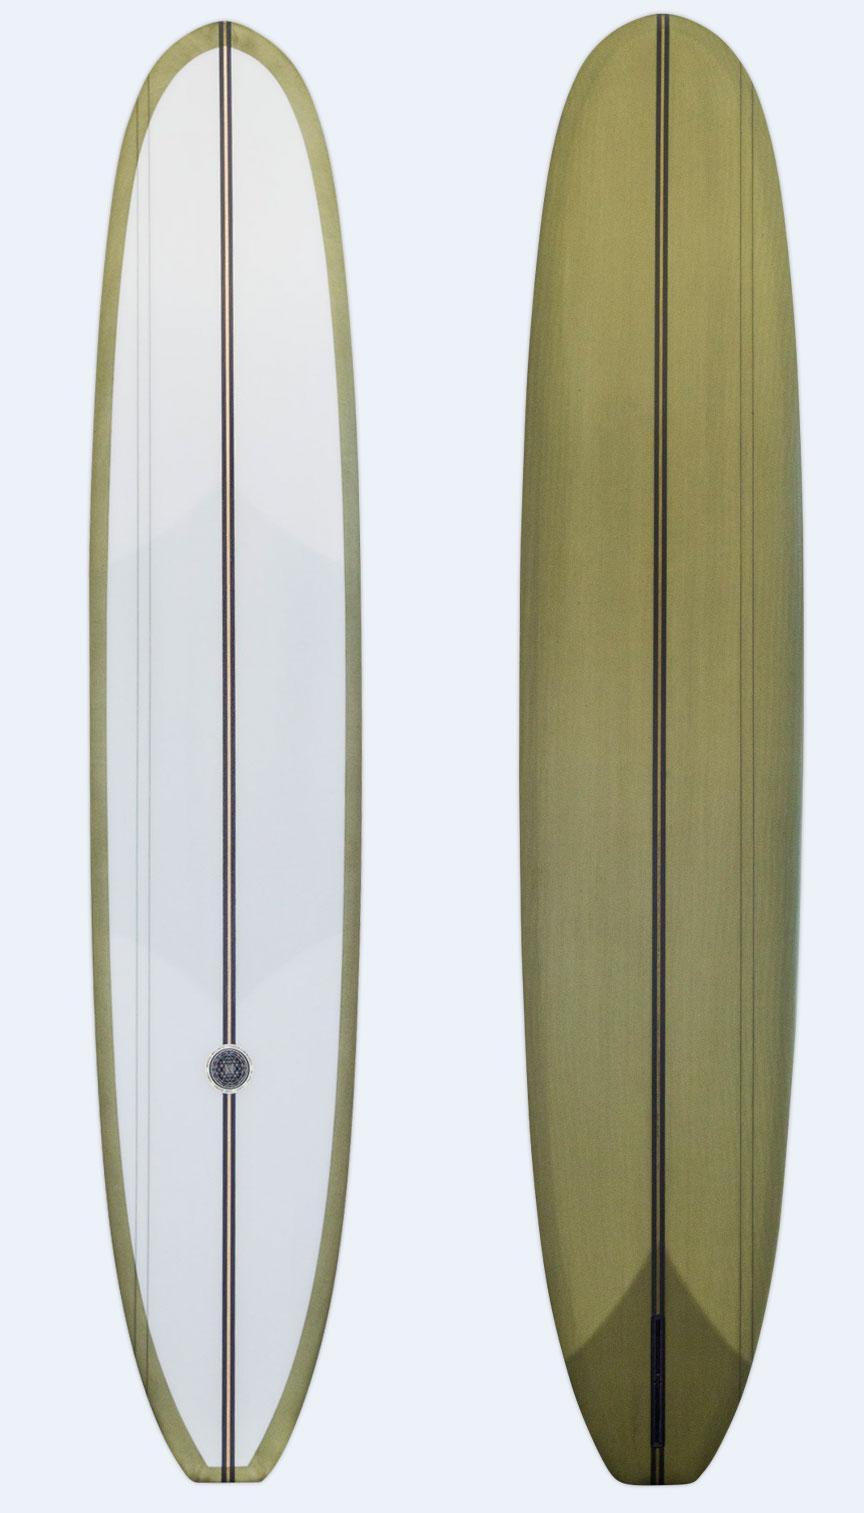 Surfboards Joel Tudor Surfboards